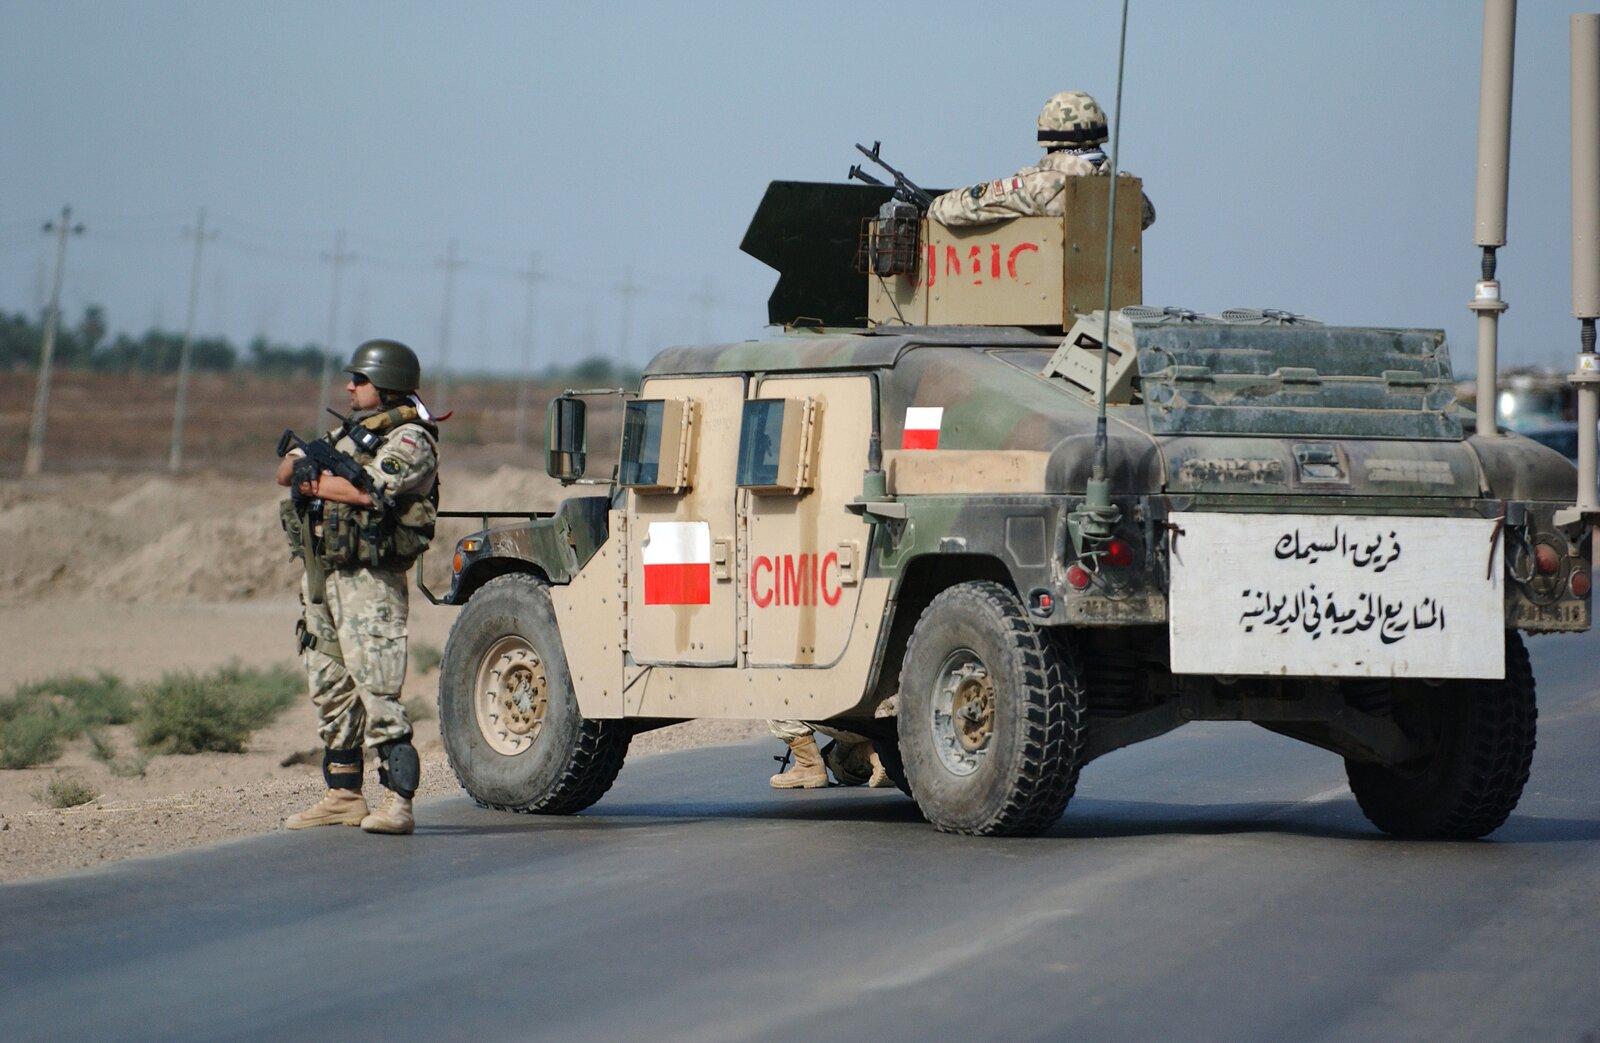 Polski Kontyngent Wojskowy wIraku Źródło: Polski Kontyngent Wojskowy wIraku , licencja: CC 0.